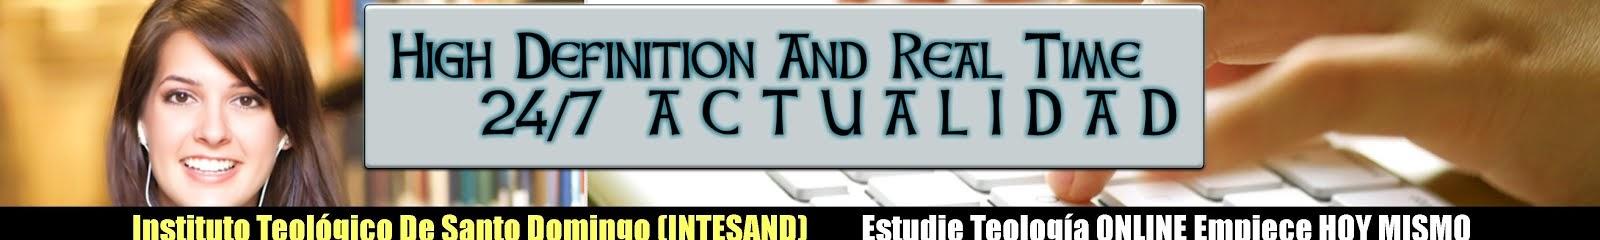 24/7Información y Negocios/ JAGC